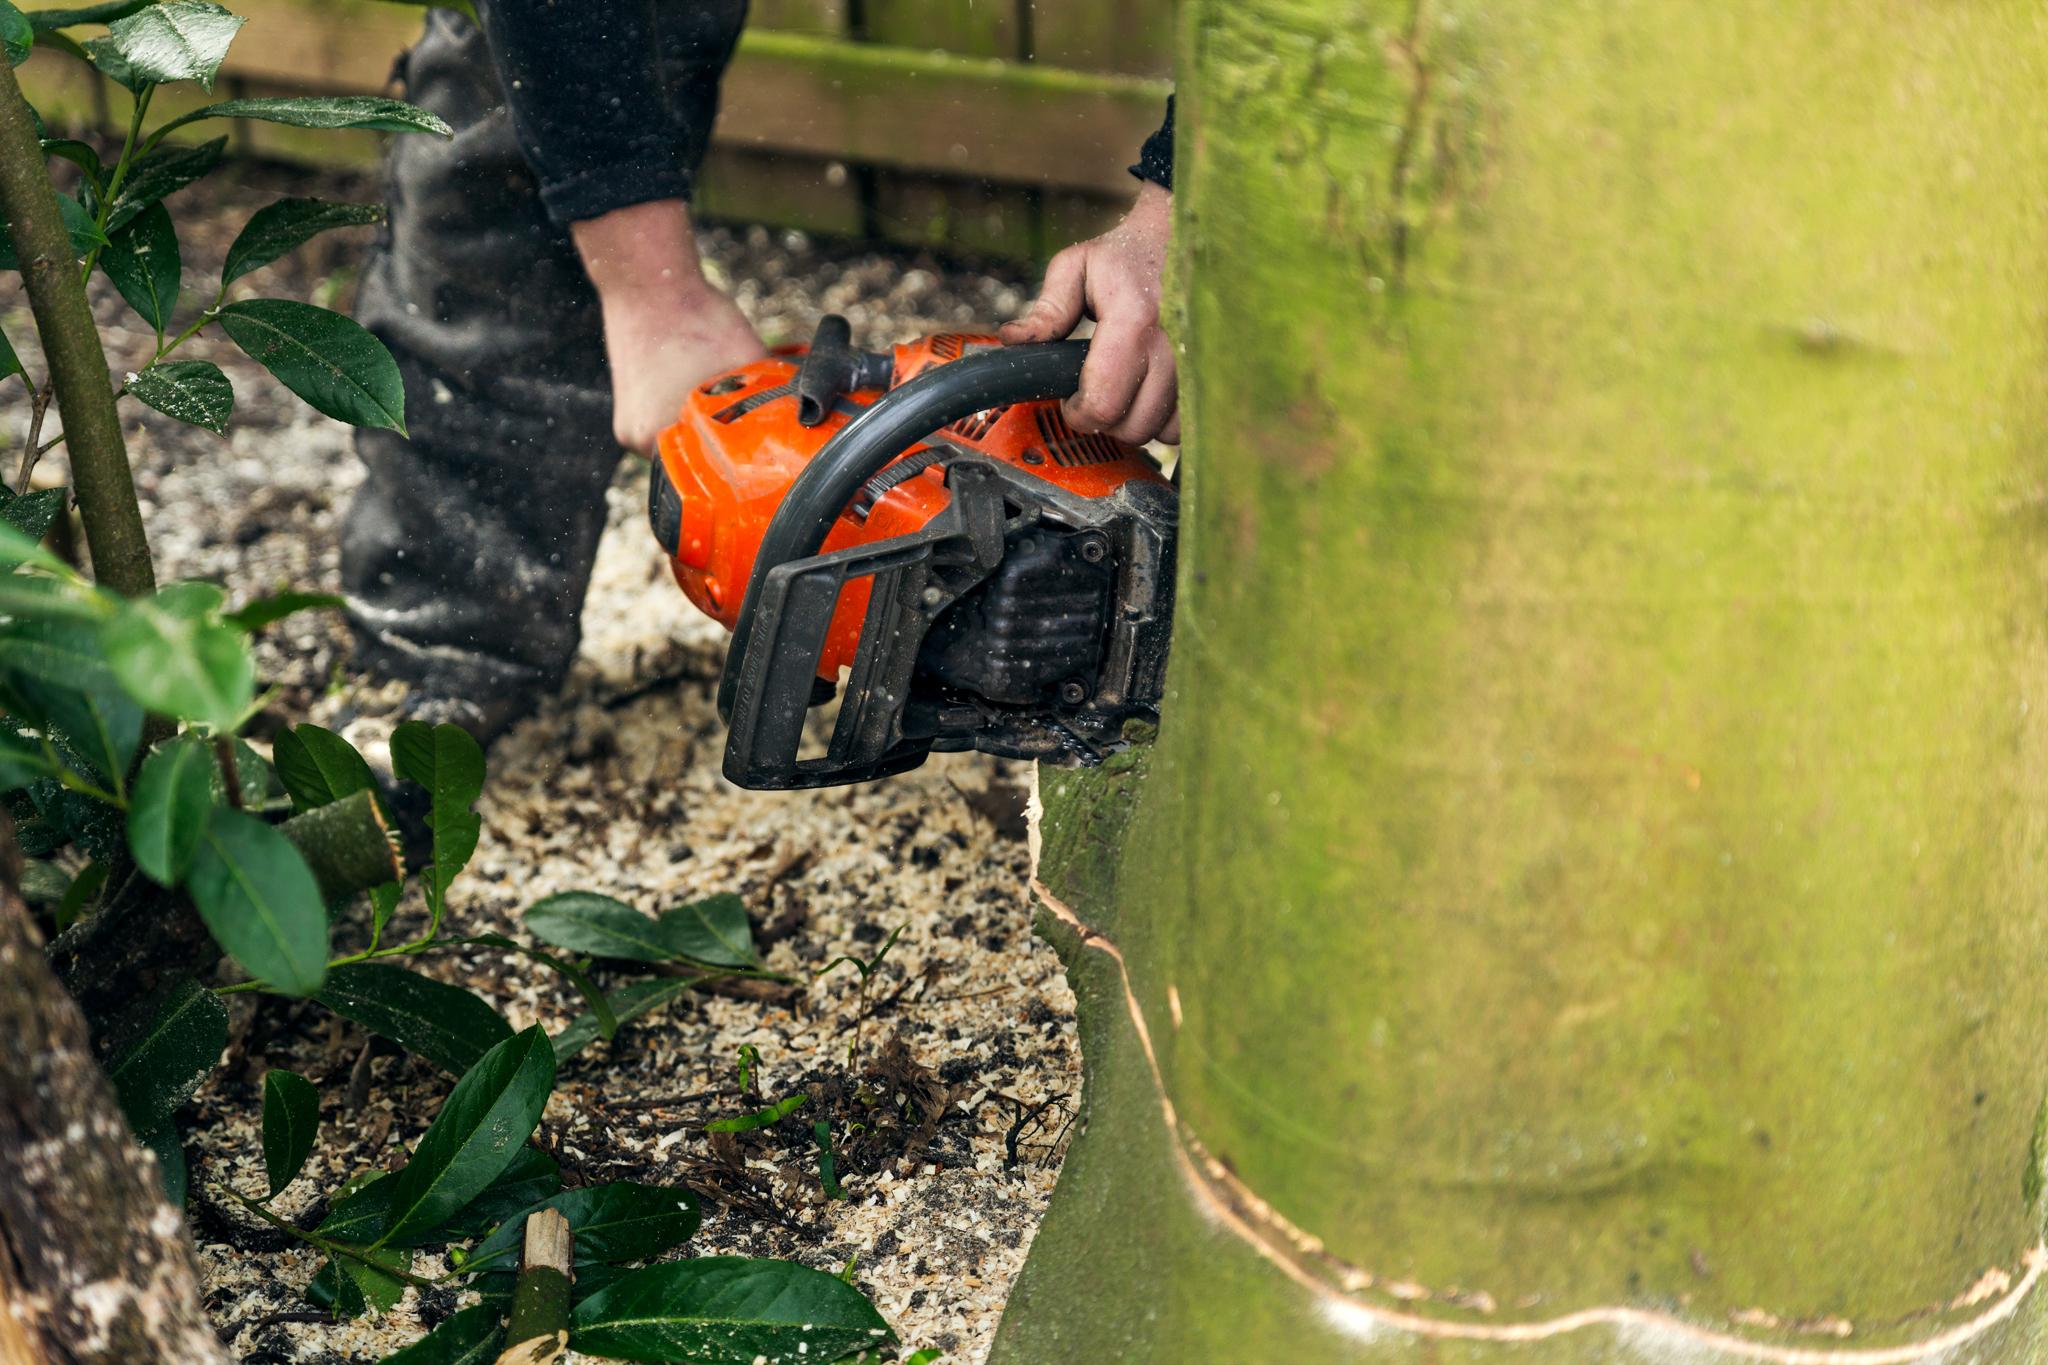 Verwijderen van bomen